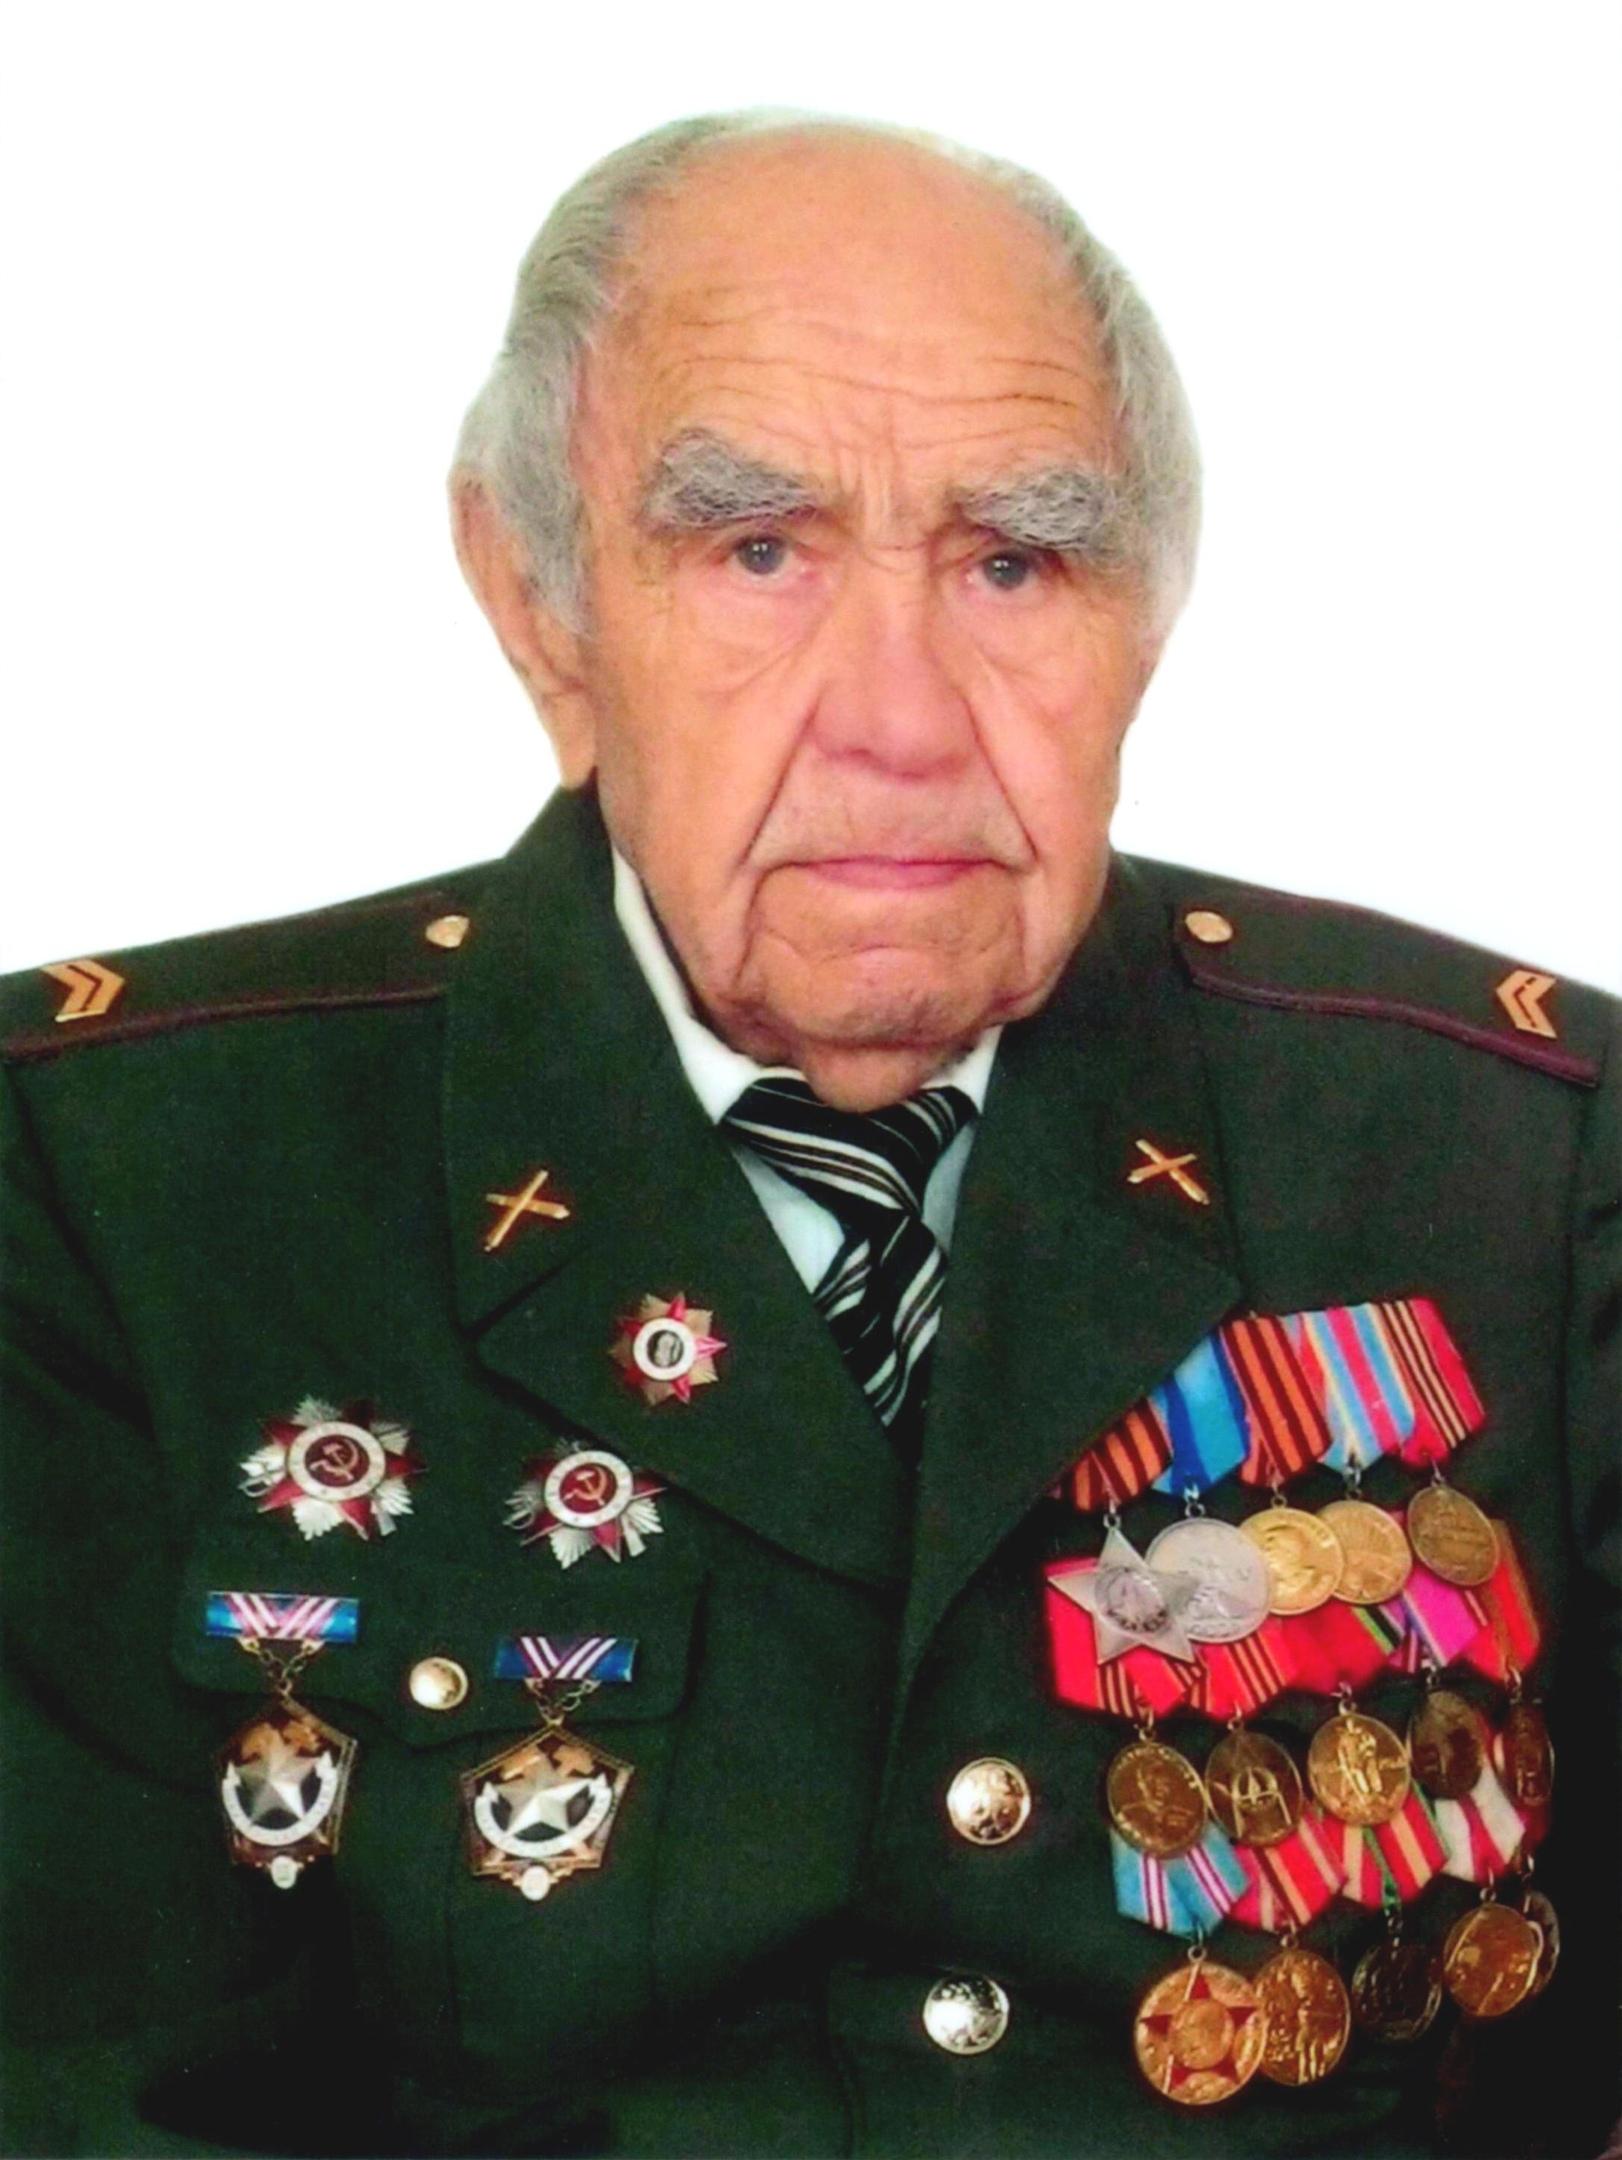 Долгополов Станислав Нестерович — ветеран Великой Отечественной войны, проживающий в городе Шахты.